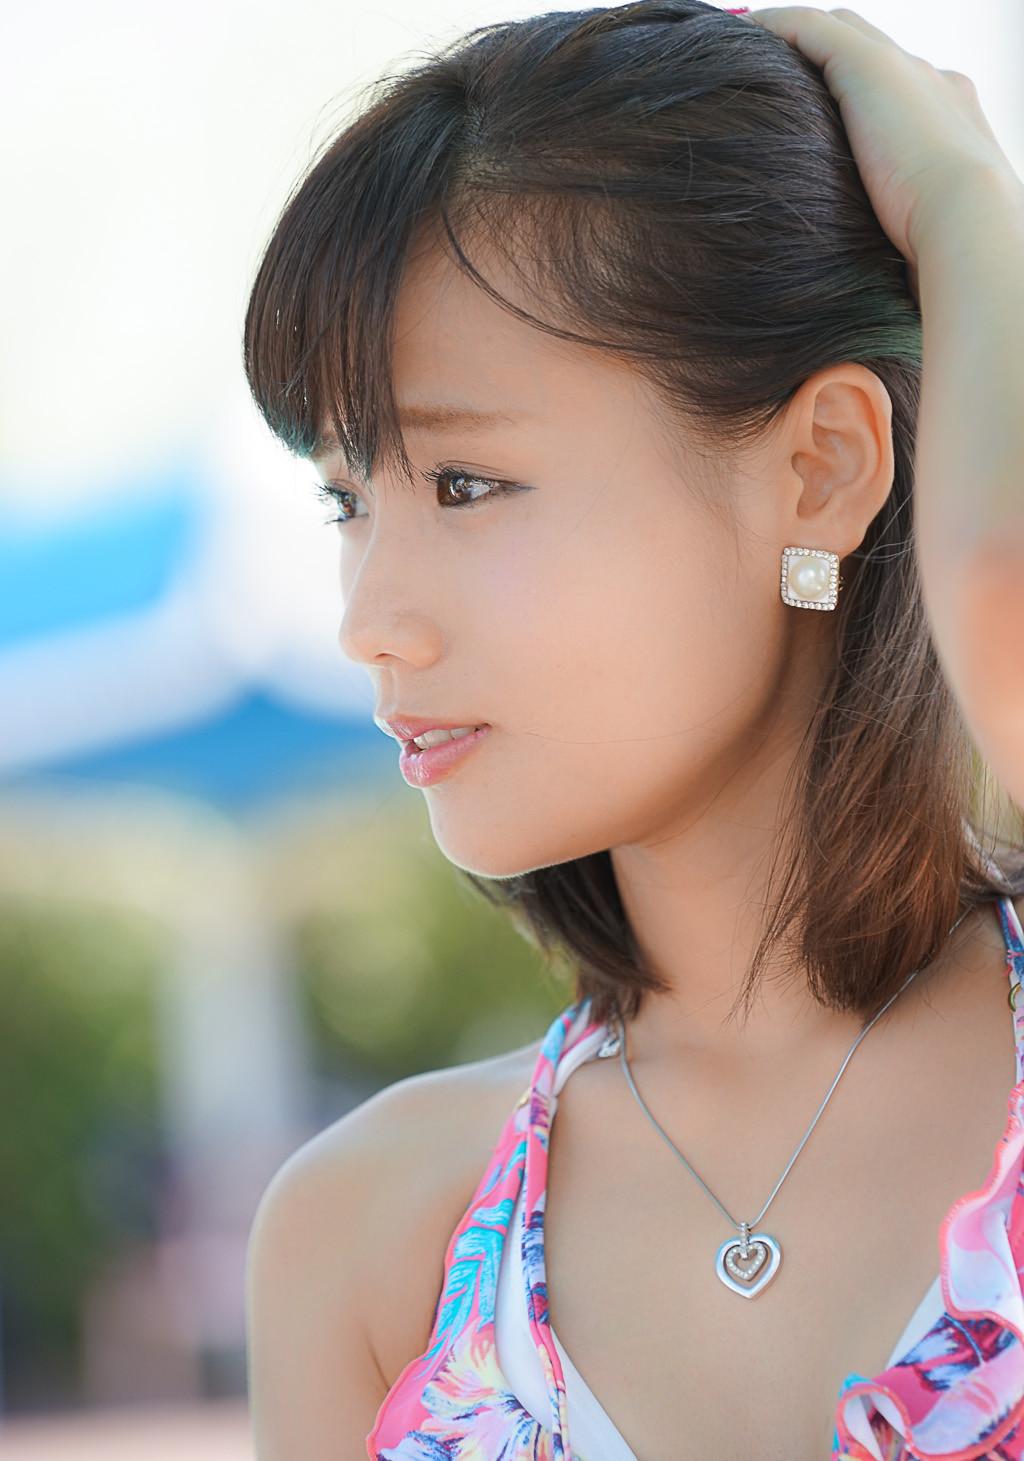 ケツ毛が生えてる女の子の画像vol7 [無断転載禁止]©bbspink.com->画像>143枚